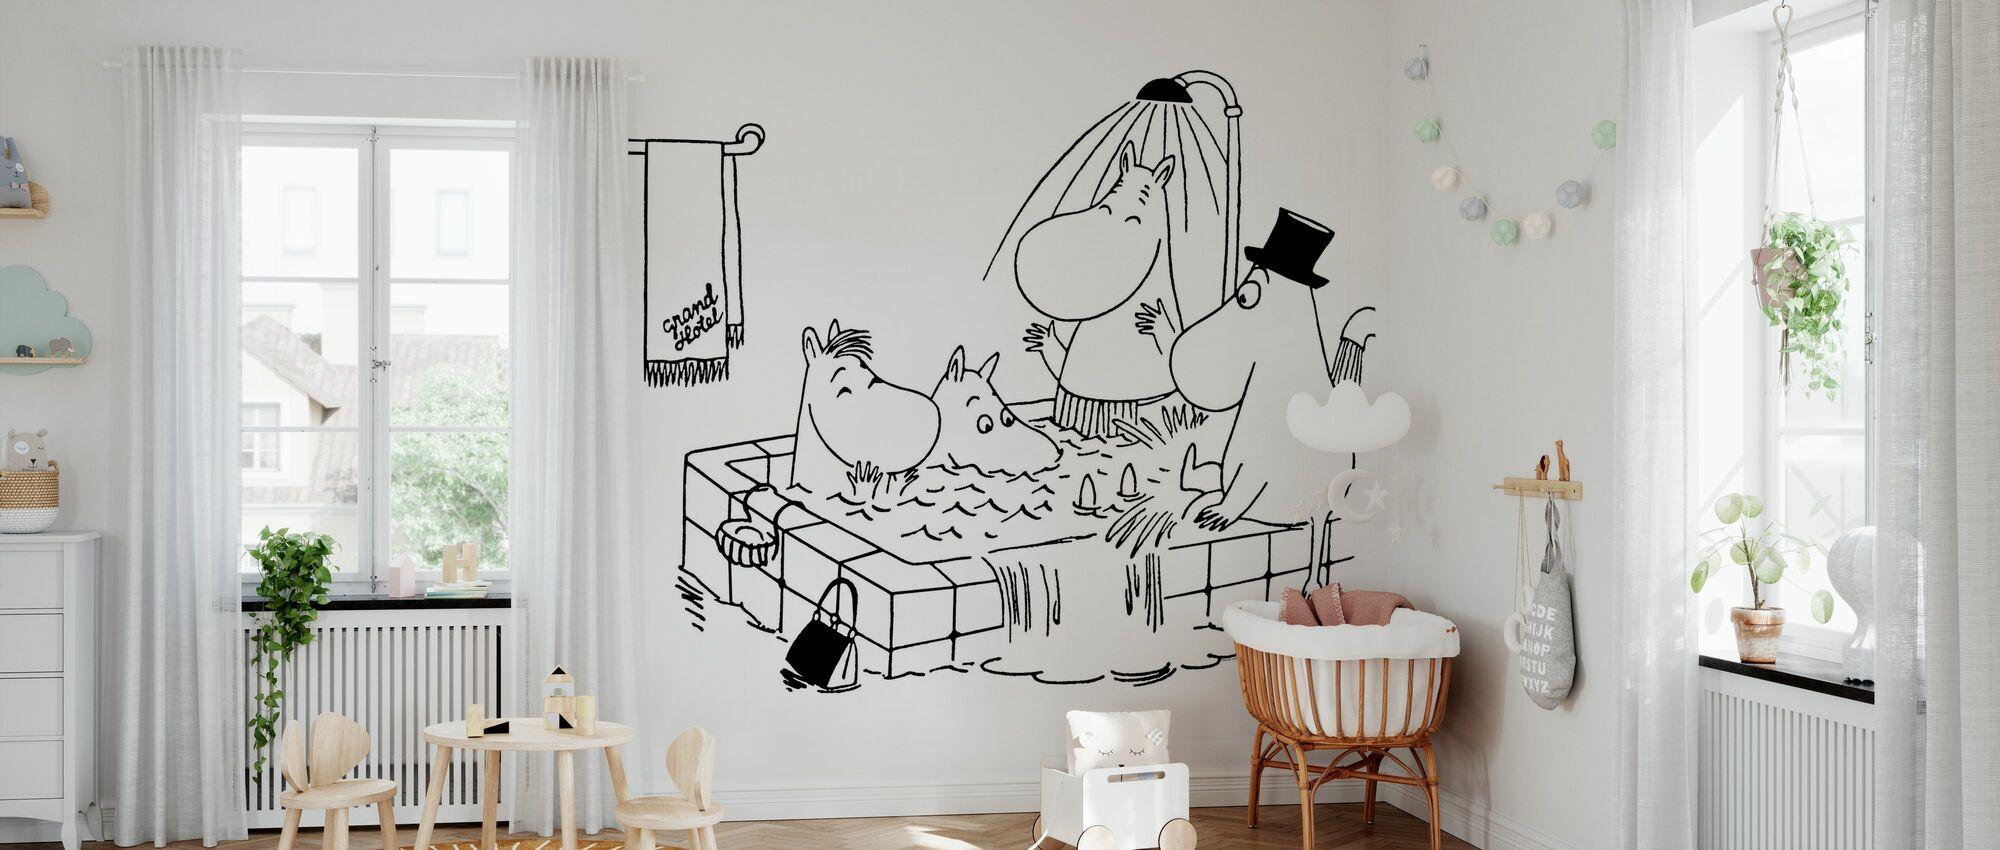 Mumin - Familie Mumin im Grand Hotel - Tapete - Babyzimmer